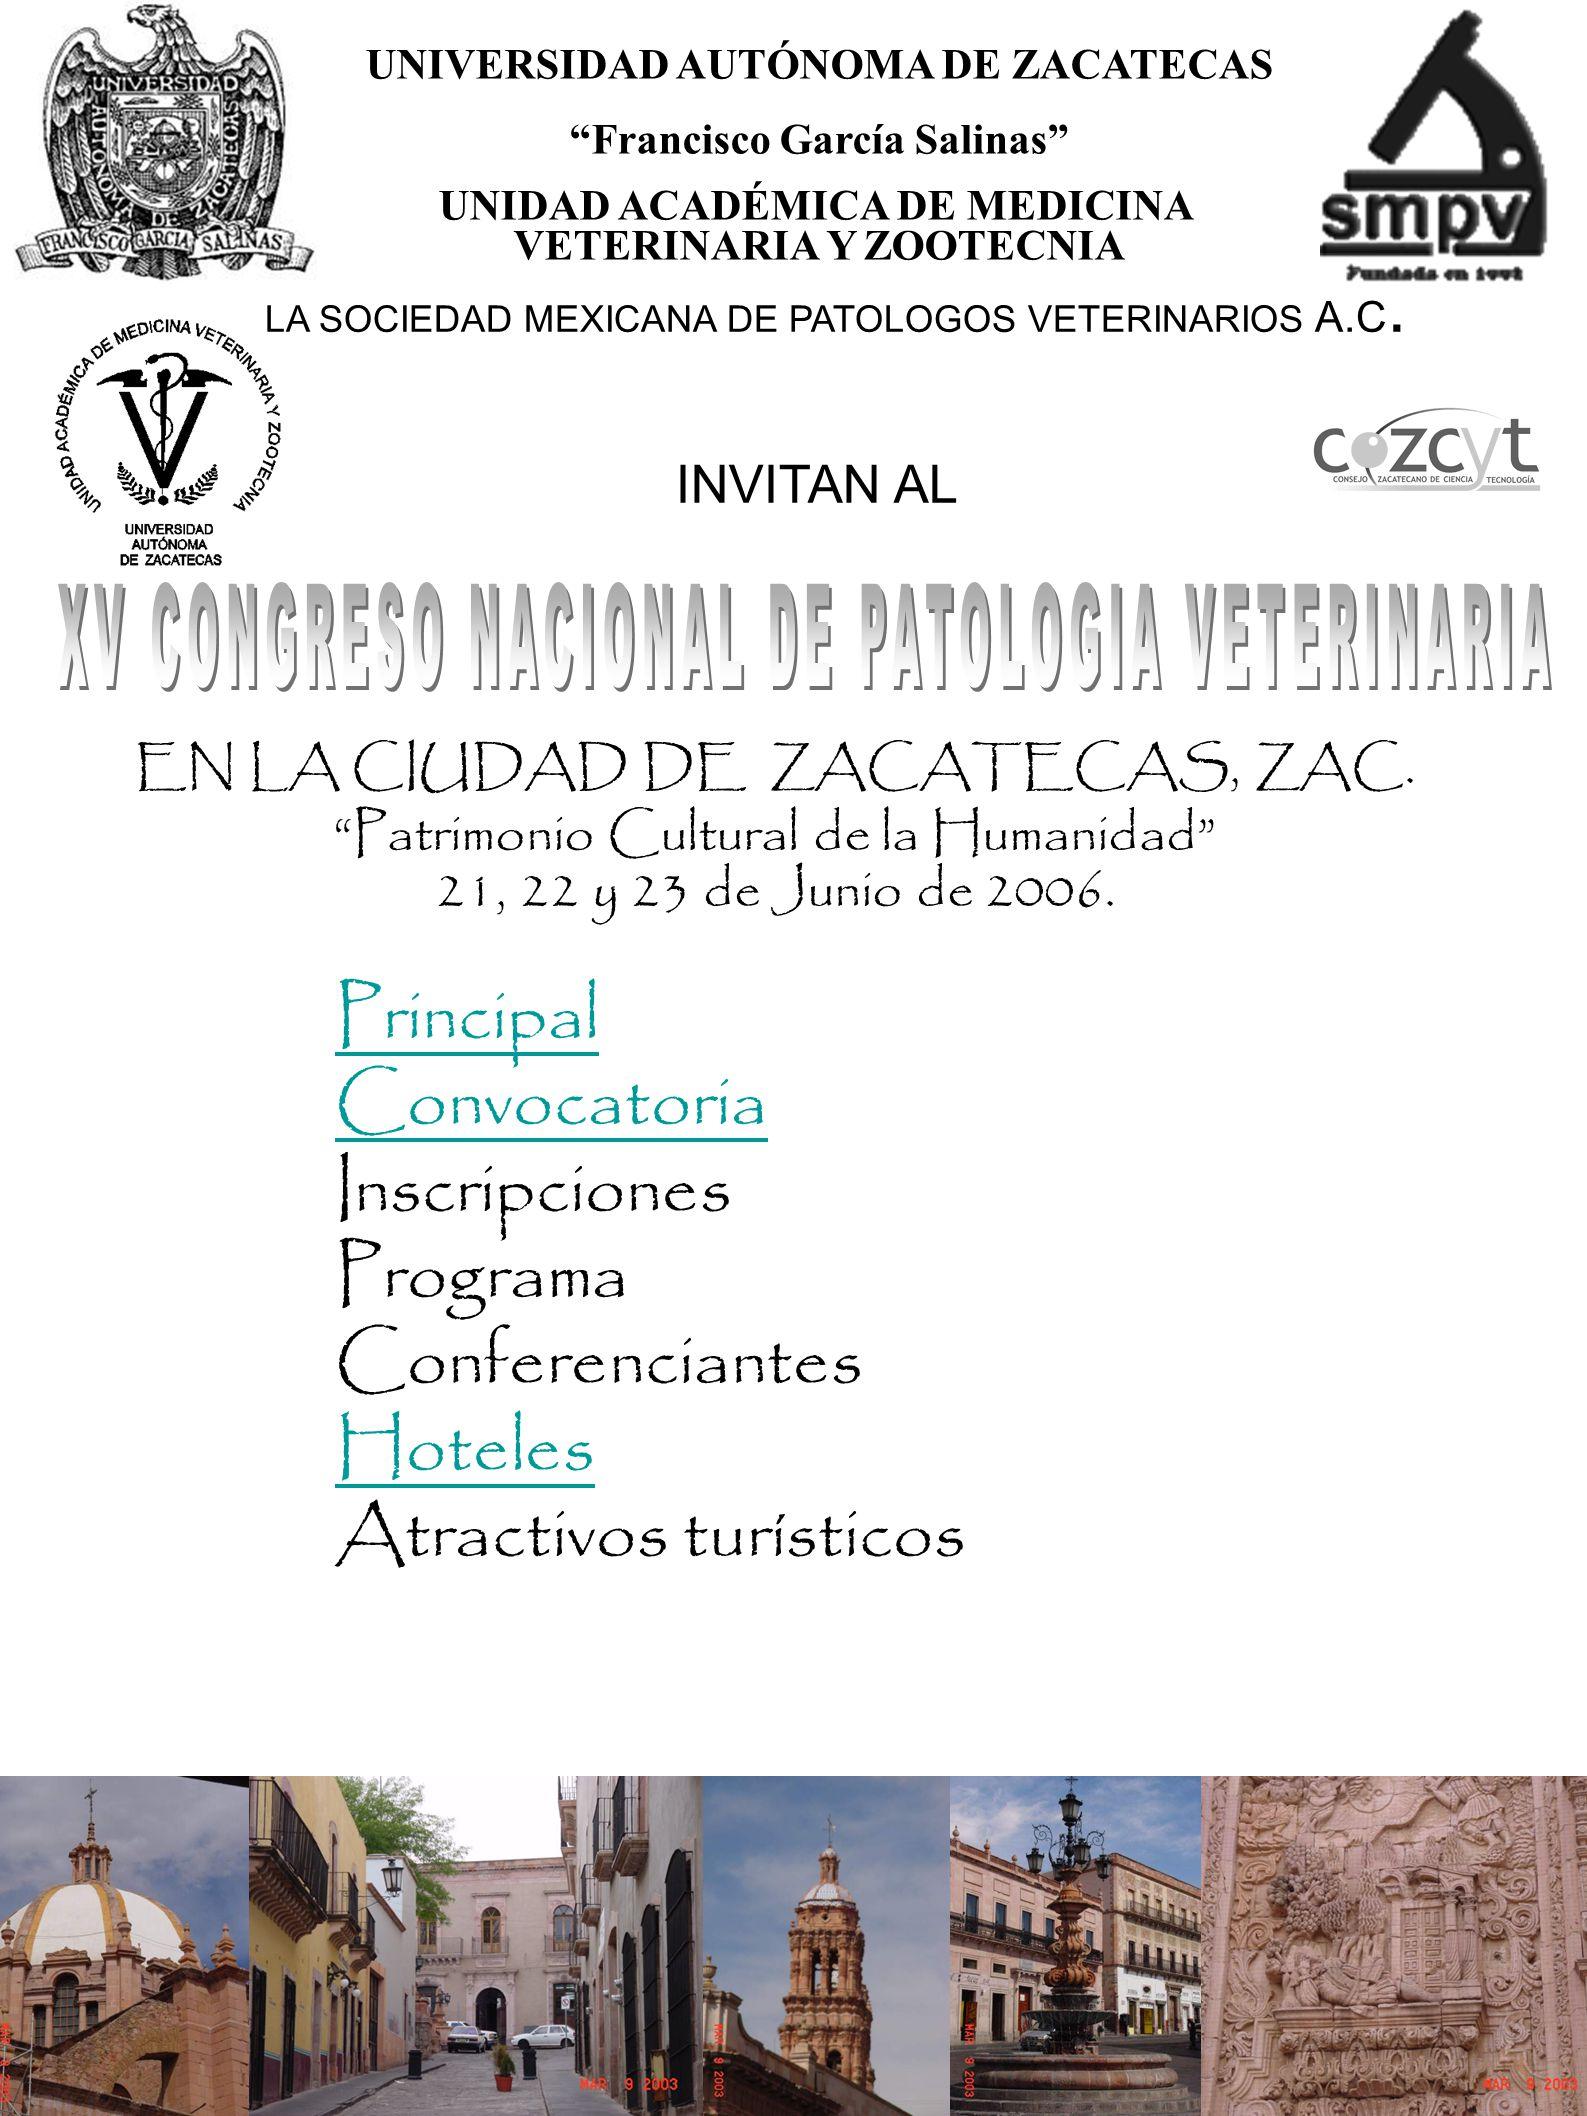 3 UNIVERSIDAD AUTÓNOMA DE ZACATECAS Francisco García Salinas UNIDAD ACADÉMICA DE MEDICINA VETERINARIA Y ZOOTECNIA CONVOCATORIA LA SOCIEDAD MEXICANA DE PATOLOGOS VETERINARIOS A.C.